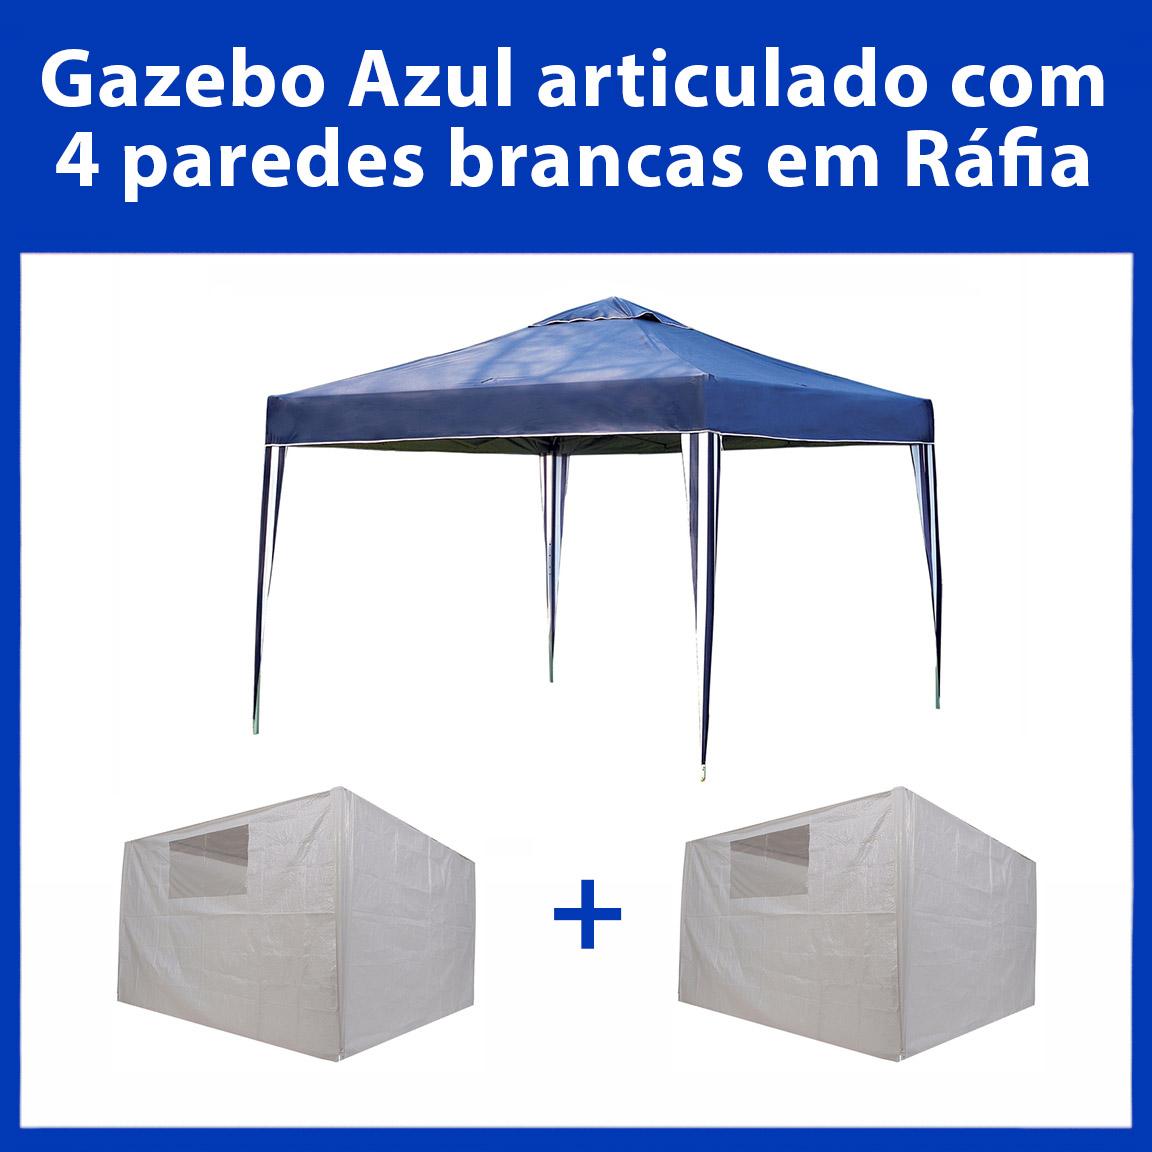 Gazebo 3x3 Articulado Azul em Aço + 4 Paredes Brancas de Ráfia Eleva Mundi